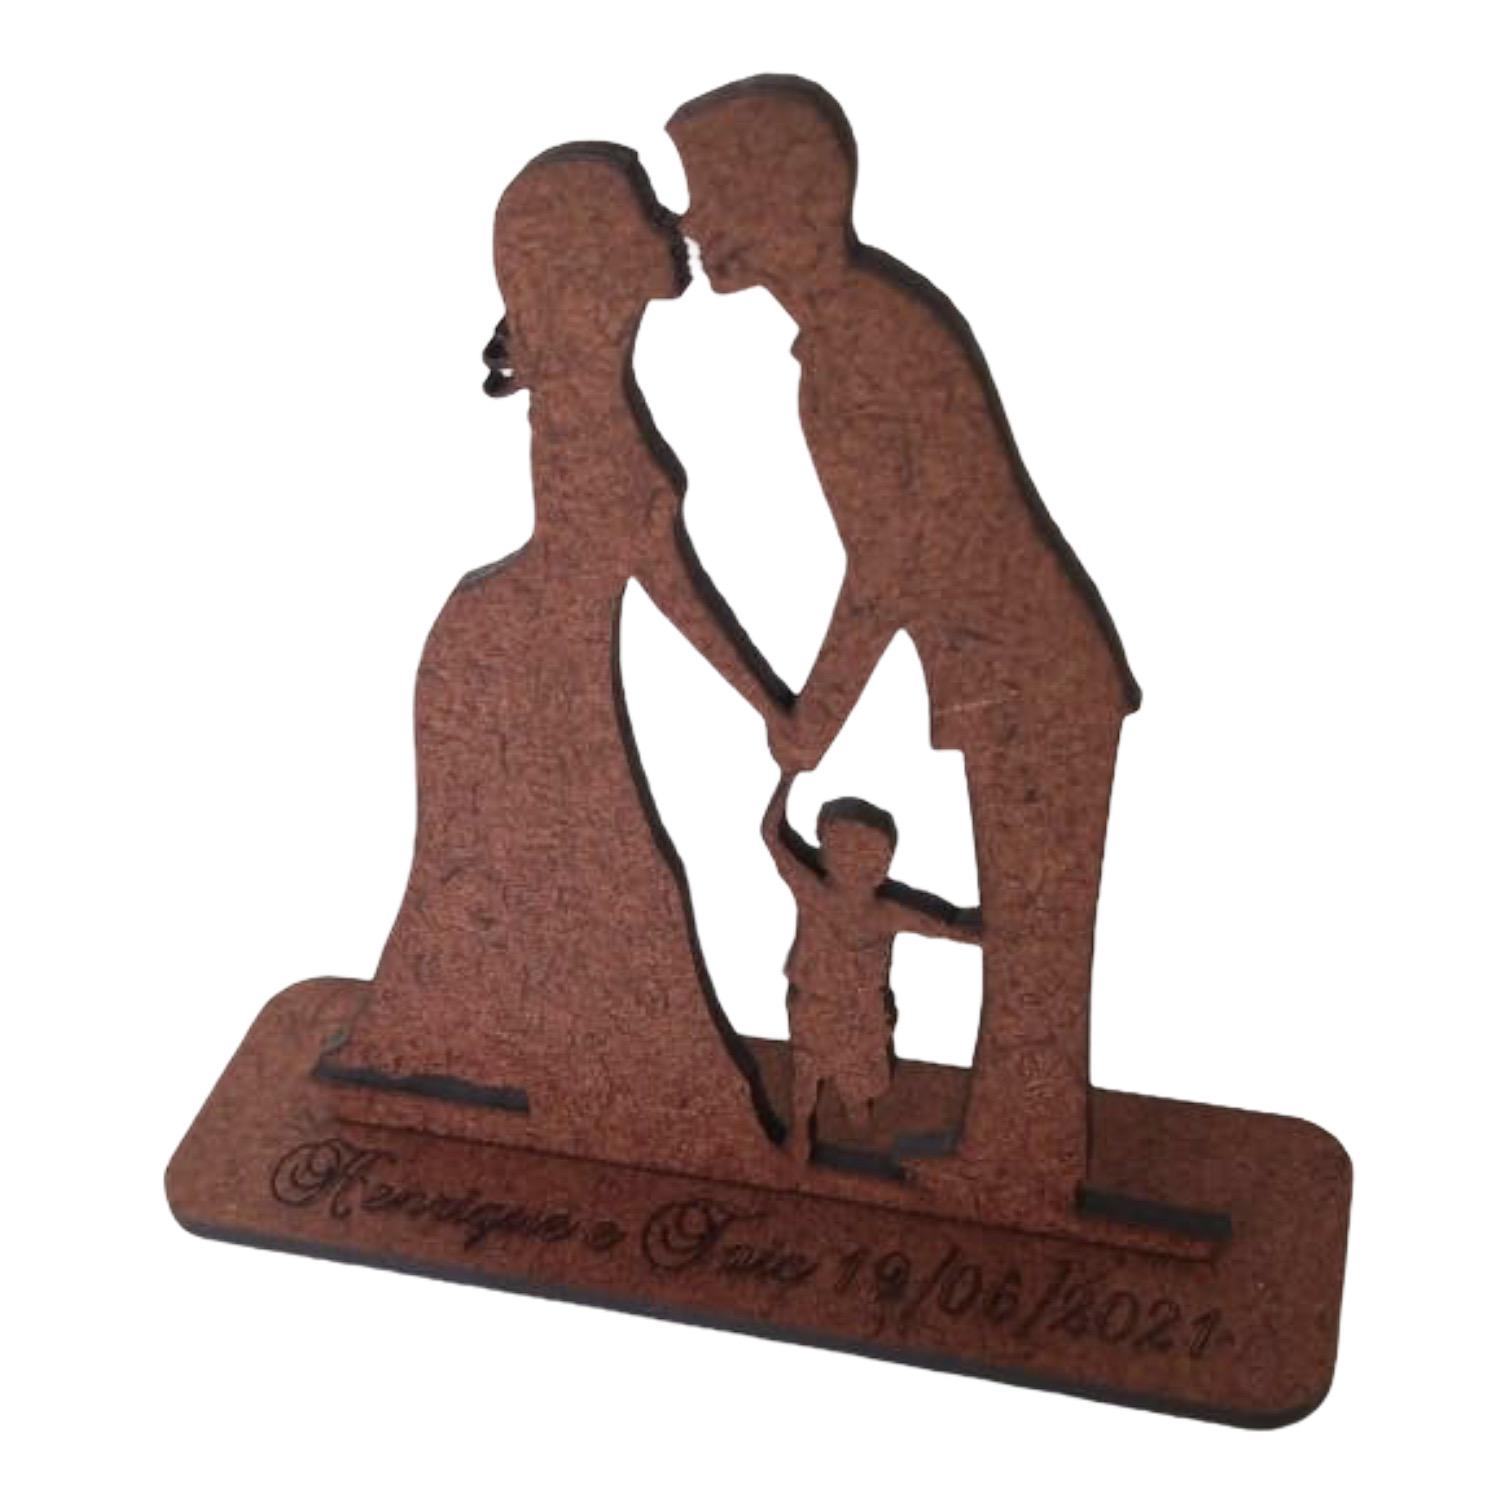 Ref. 048 - Kit Lembrancinhas Noivos Coração com Criança Menino - MDF Cru